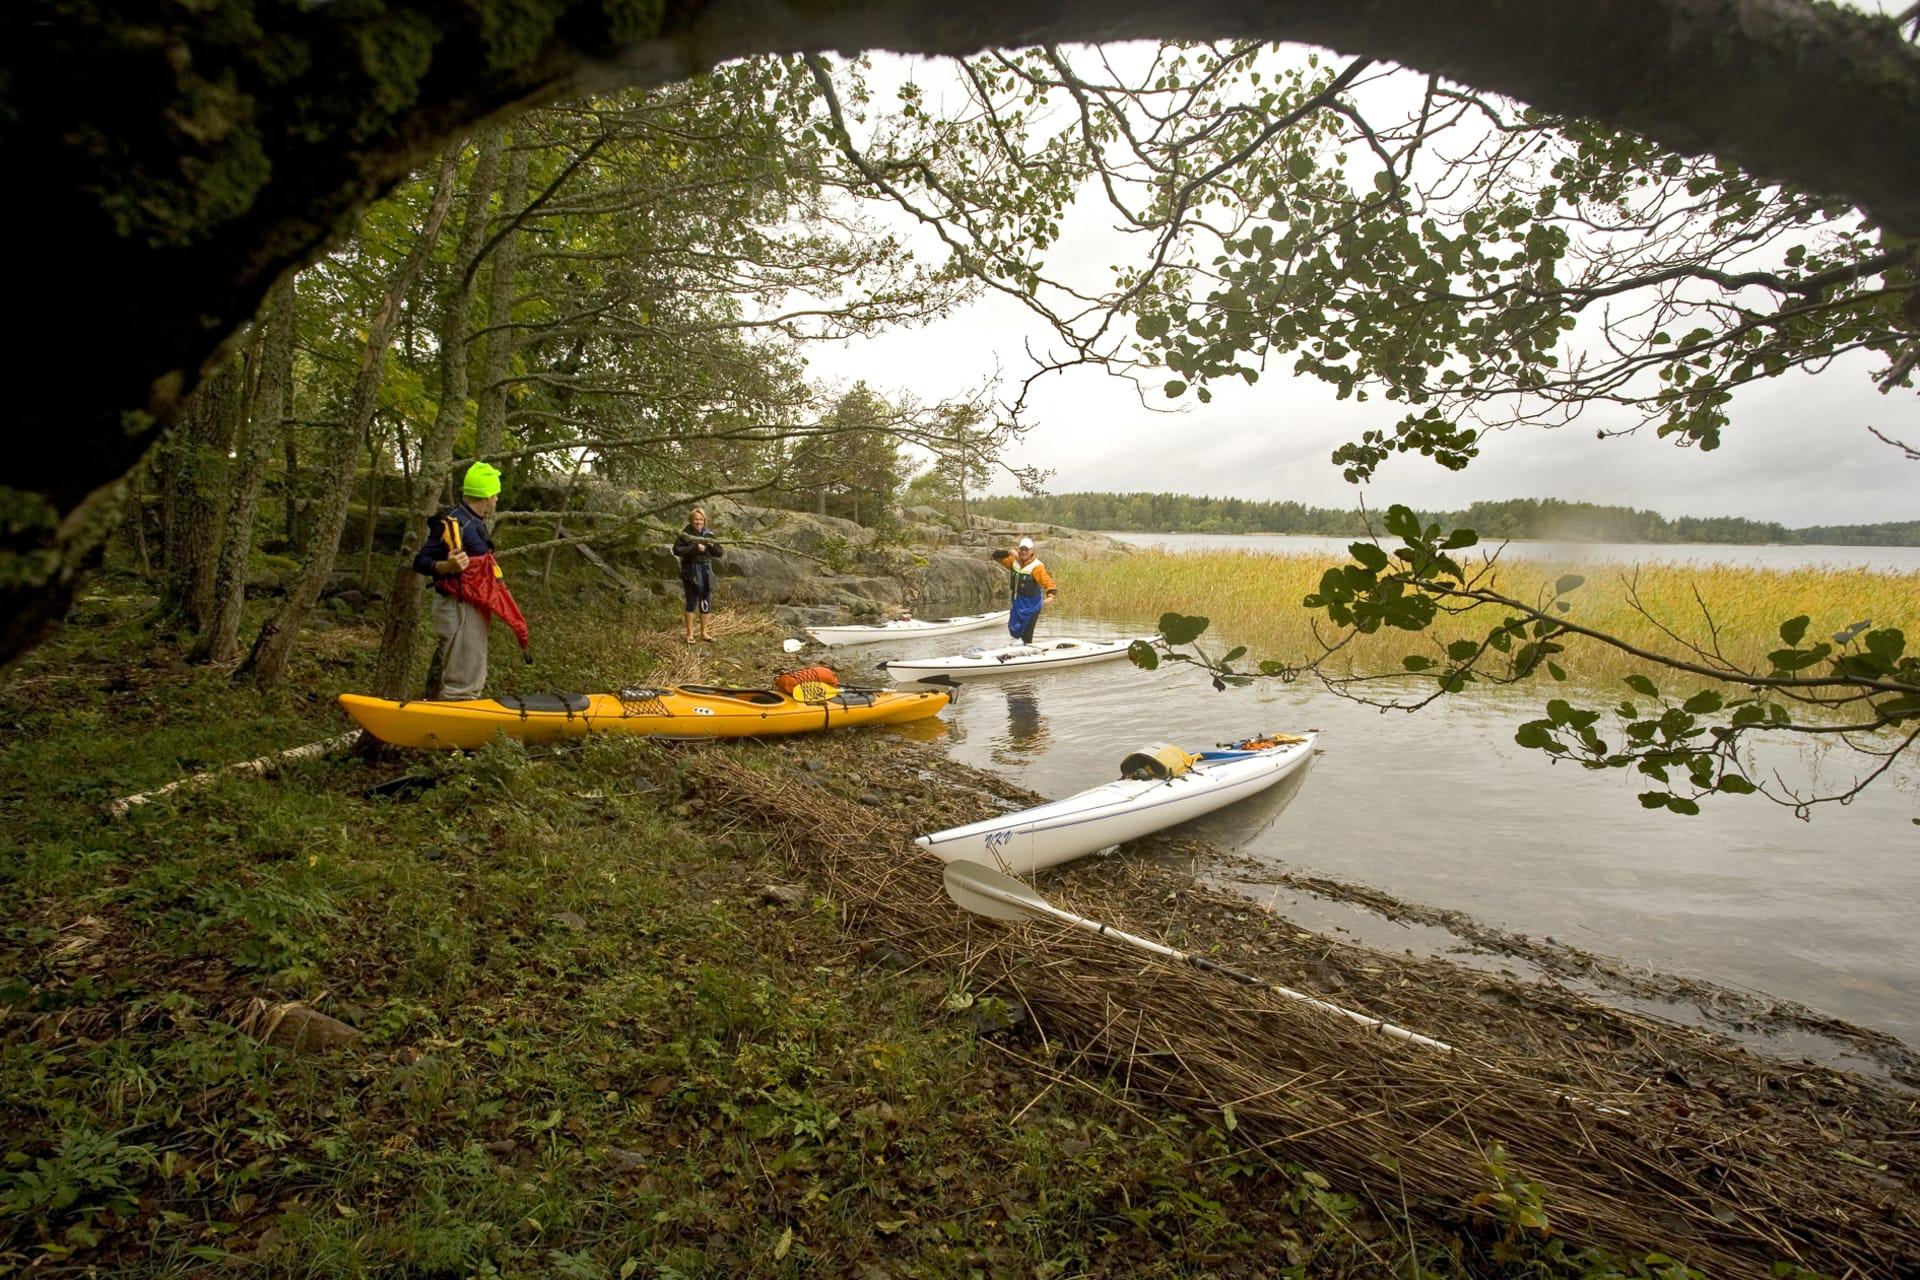 Låga strandlinjer och mycket växtlighet är typiskt för Roslagen. Tältplatserna är inte alltid de bästa utkiksplatserna, men träd skyddar mot vind.